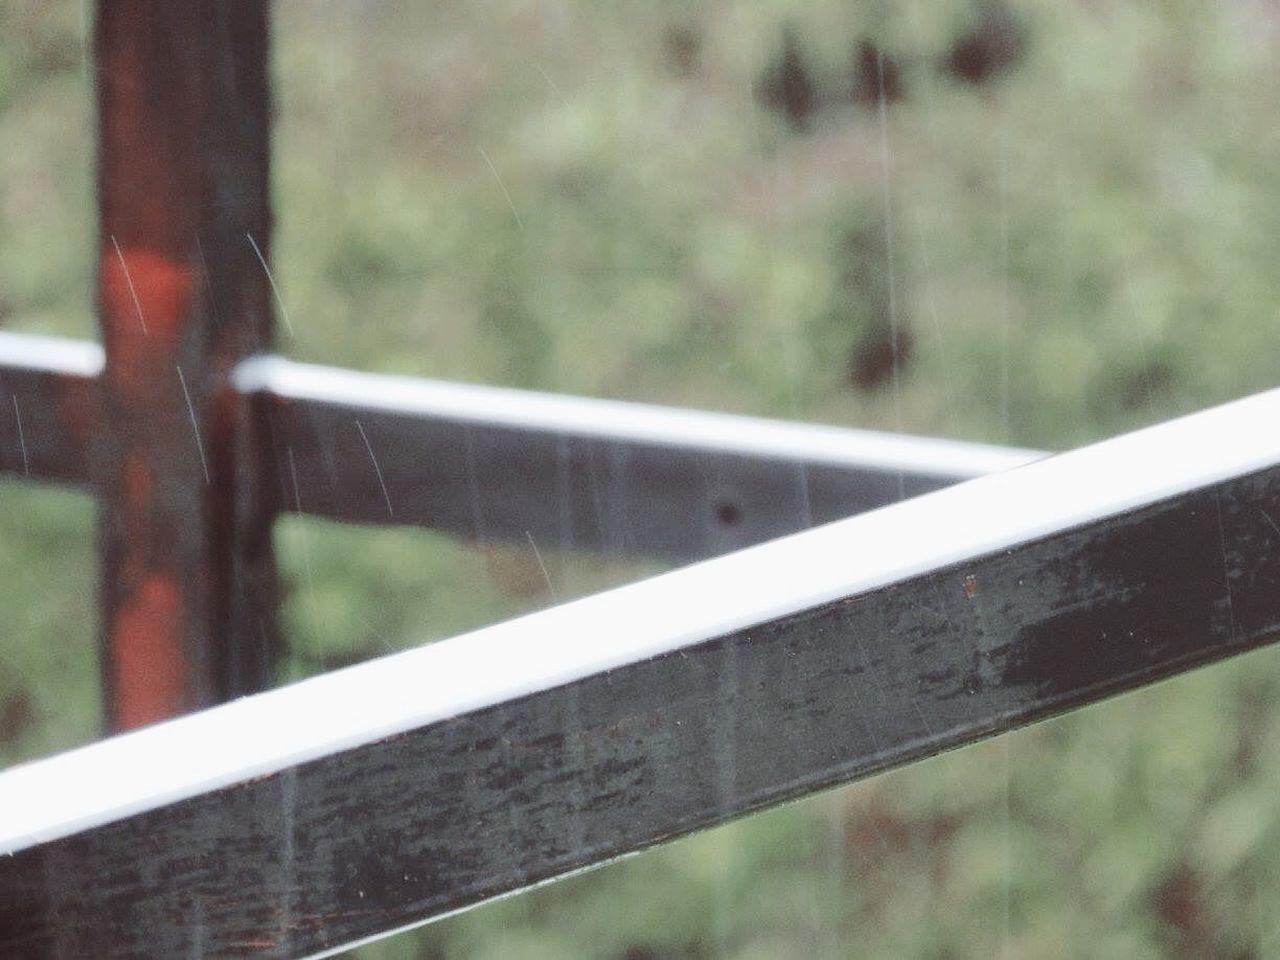 Rainfall Seen Through Glass Window